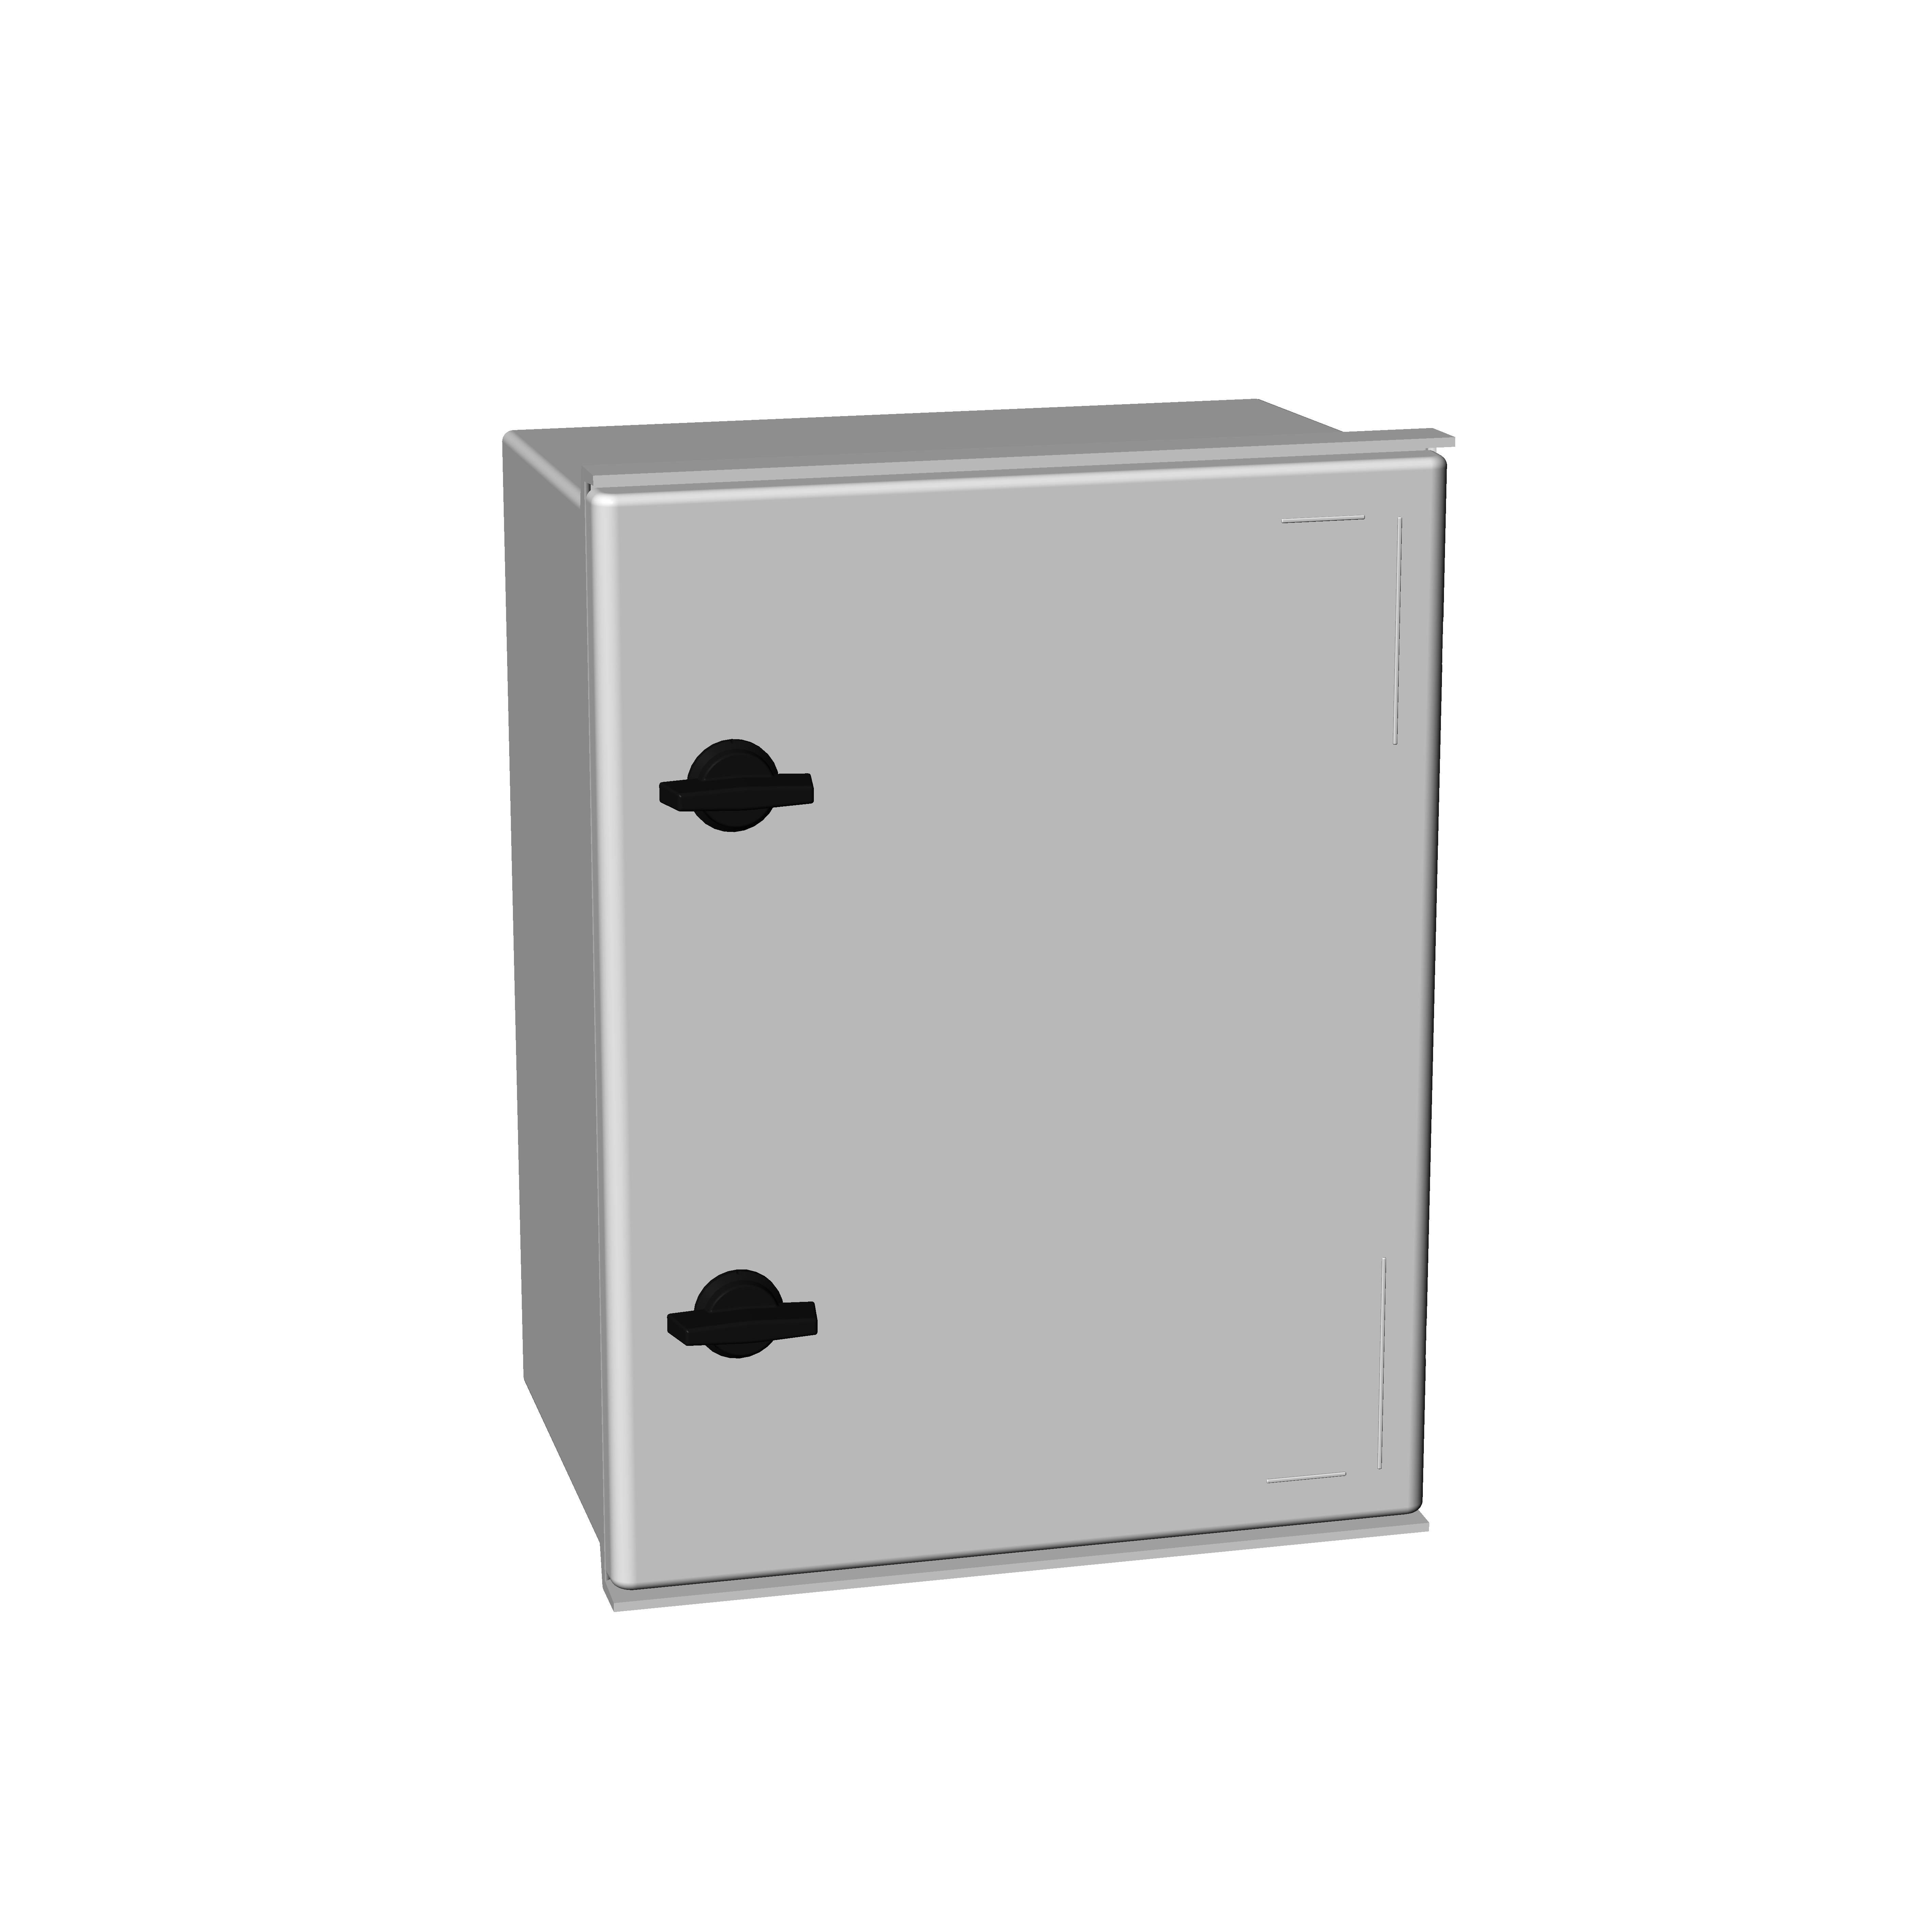 1 Stk Polyester-Wandschrank MINI 400x300x200mm IM008843--